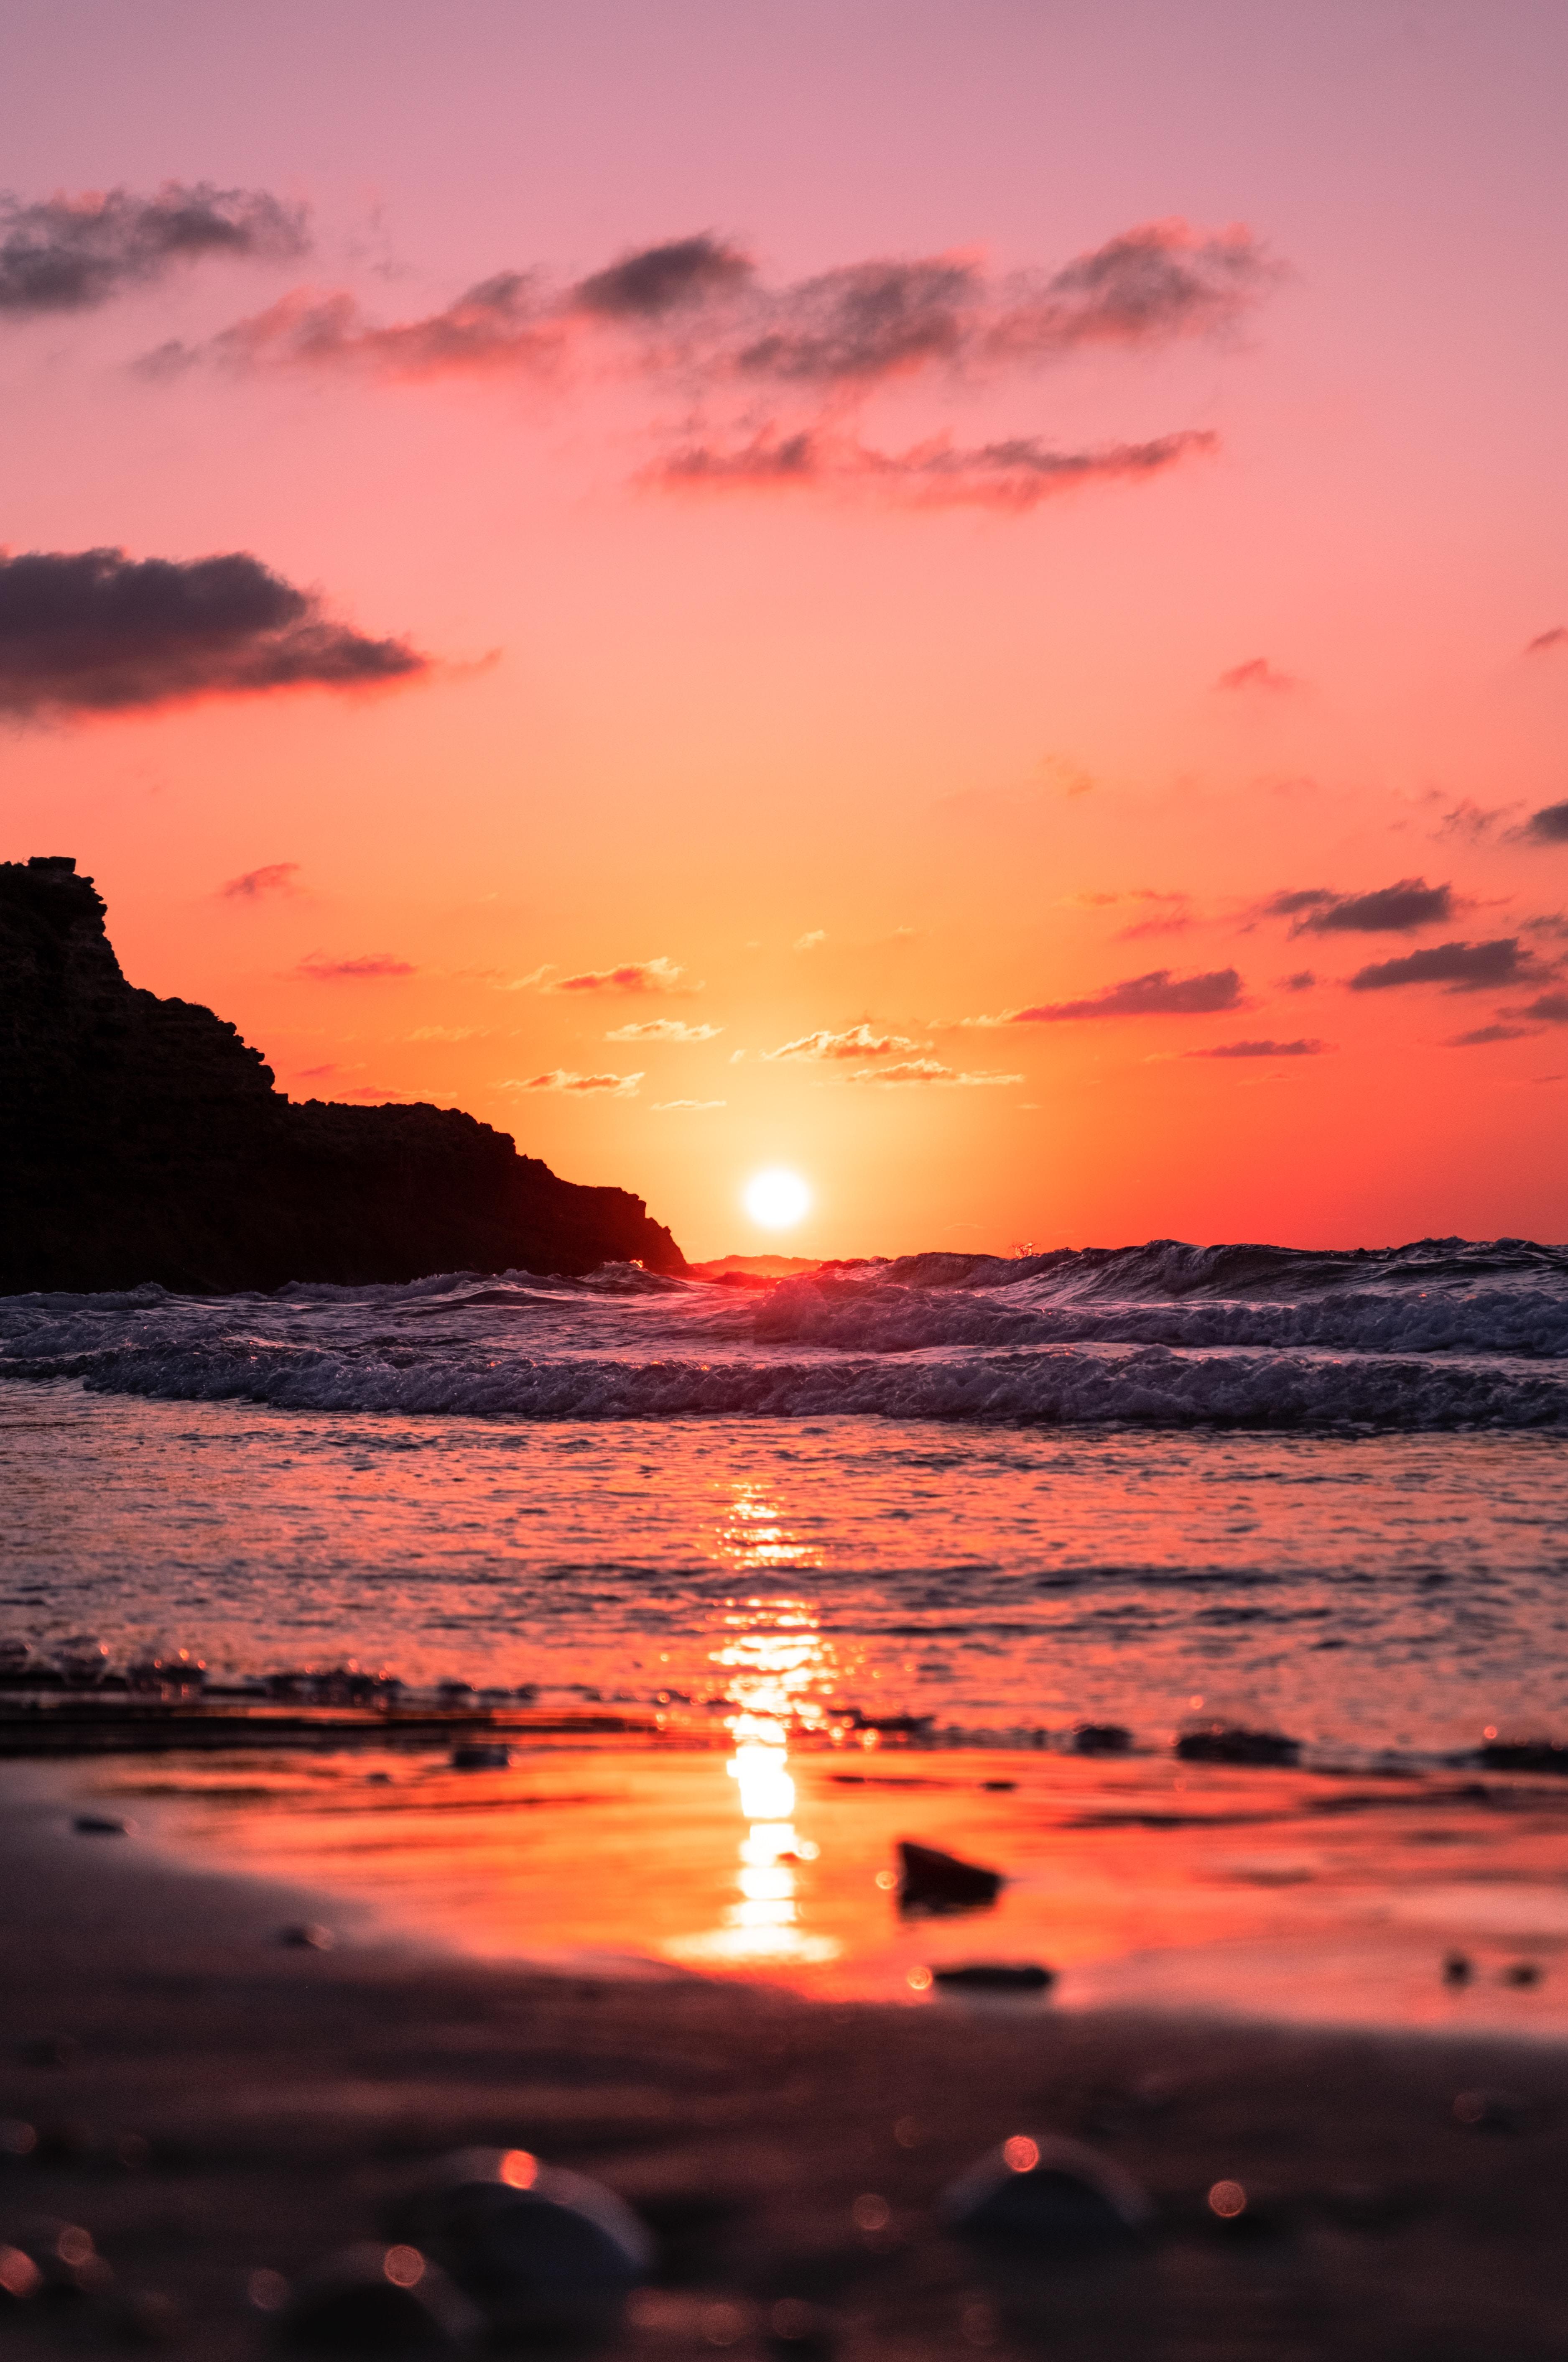 120331 Заставки и Обои Солнце на телефон. Скачать Солнце, Природа, Закат, Море, Волны, Красный, Сумерки картинки бесплатно